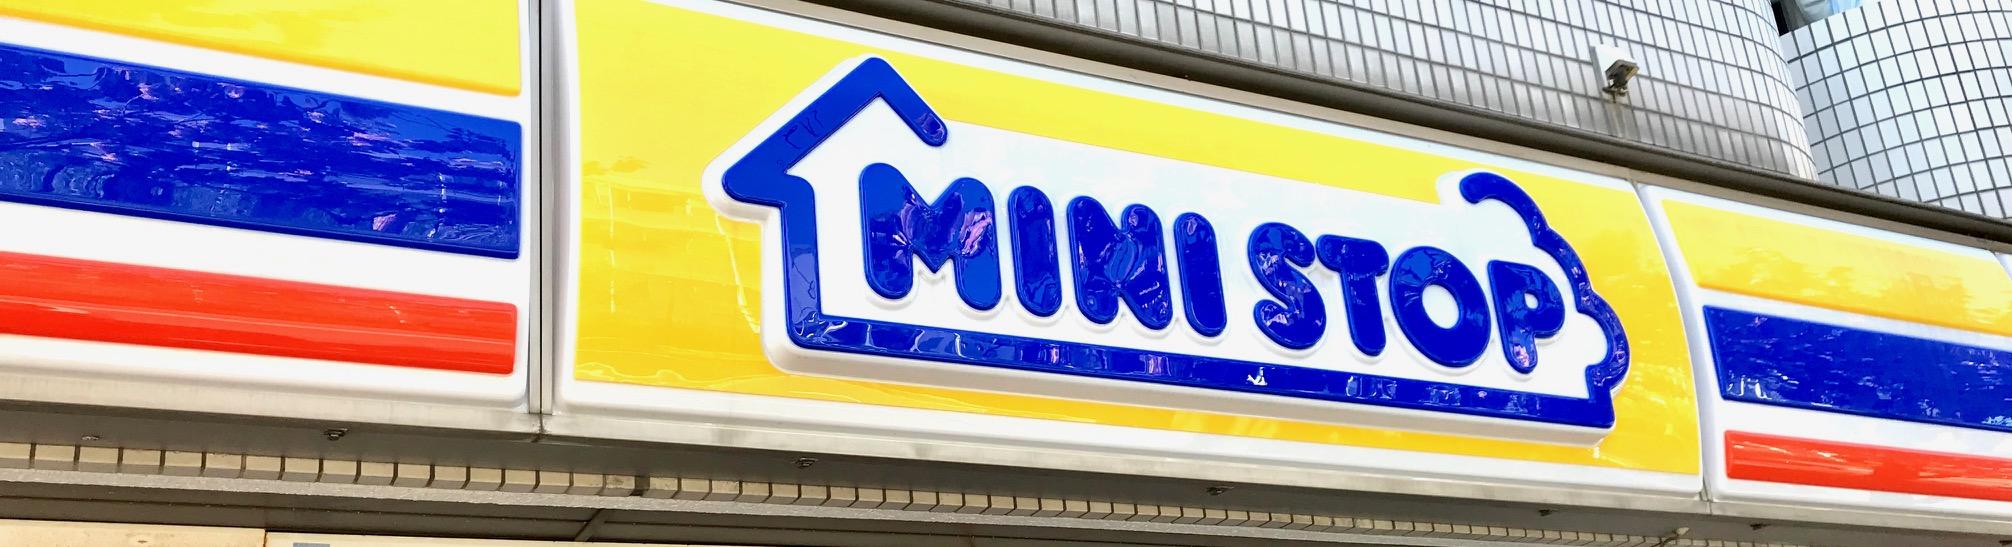 『ミニストップ』の「ハロハロ」が今年も遂に登場♡ さらにおいしくなった「ソフトクリーム新バニラ」がON!【#コンビニスイーツ新作食べてみた】_1